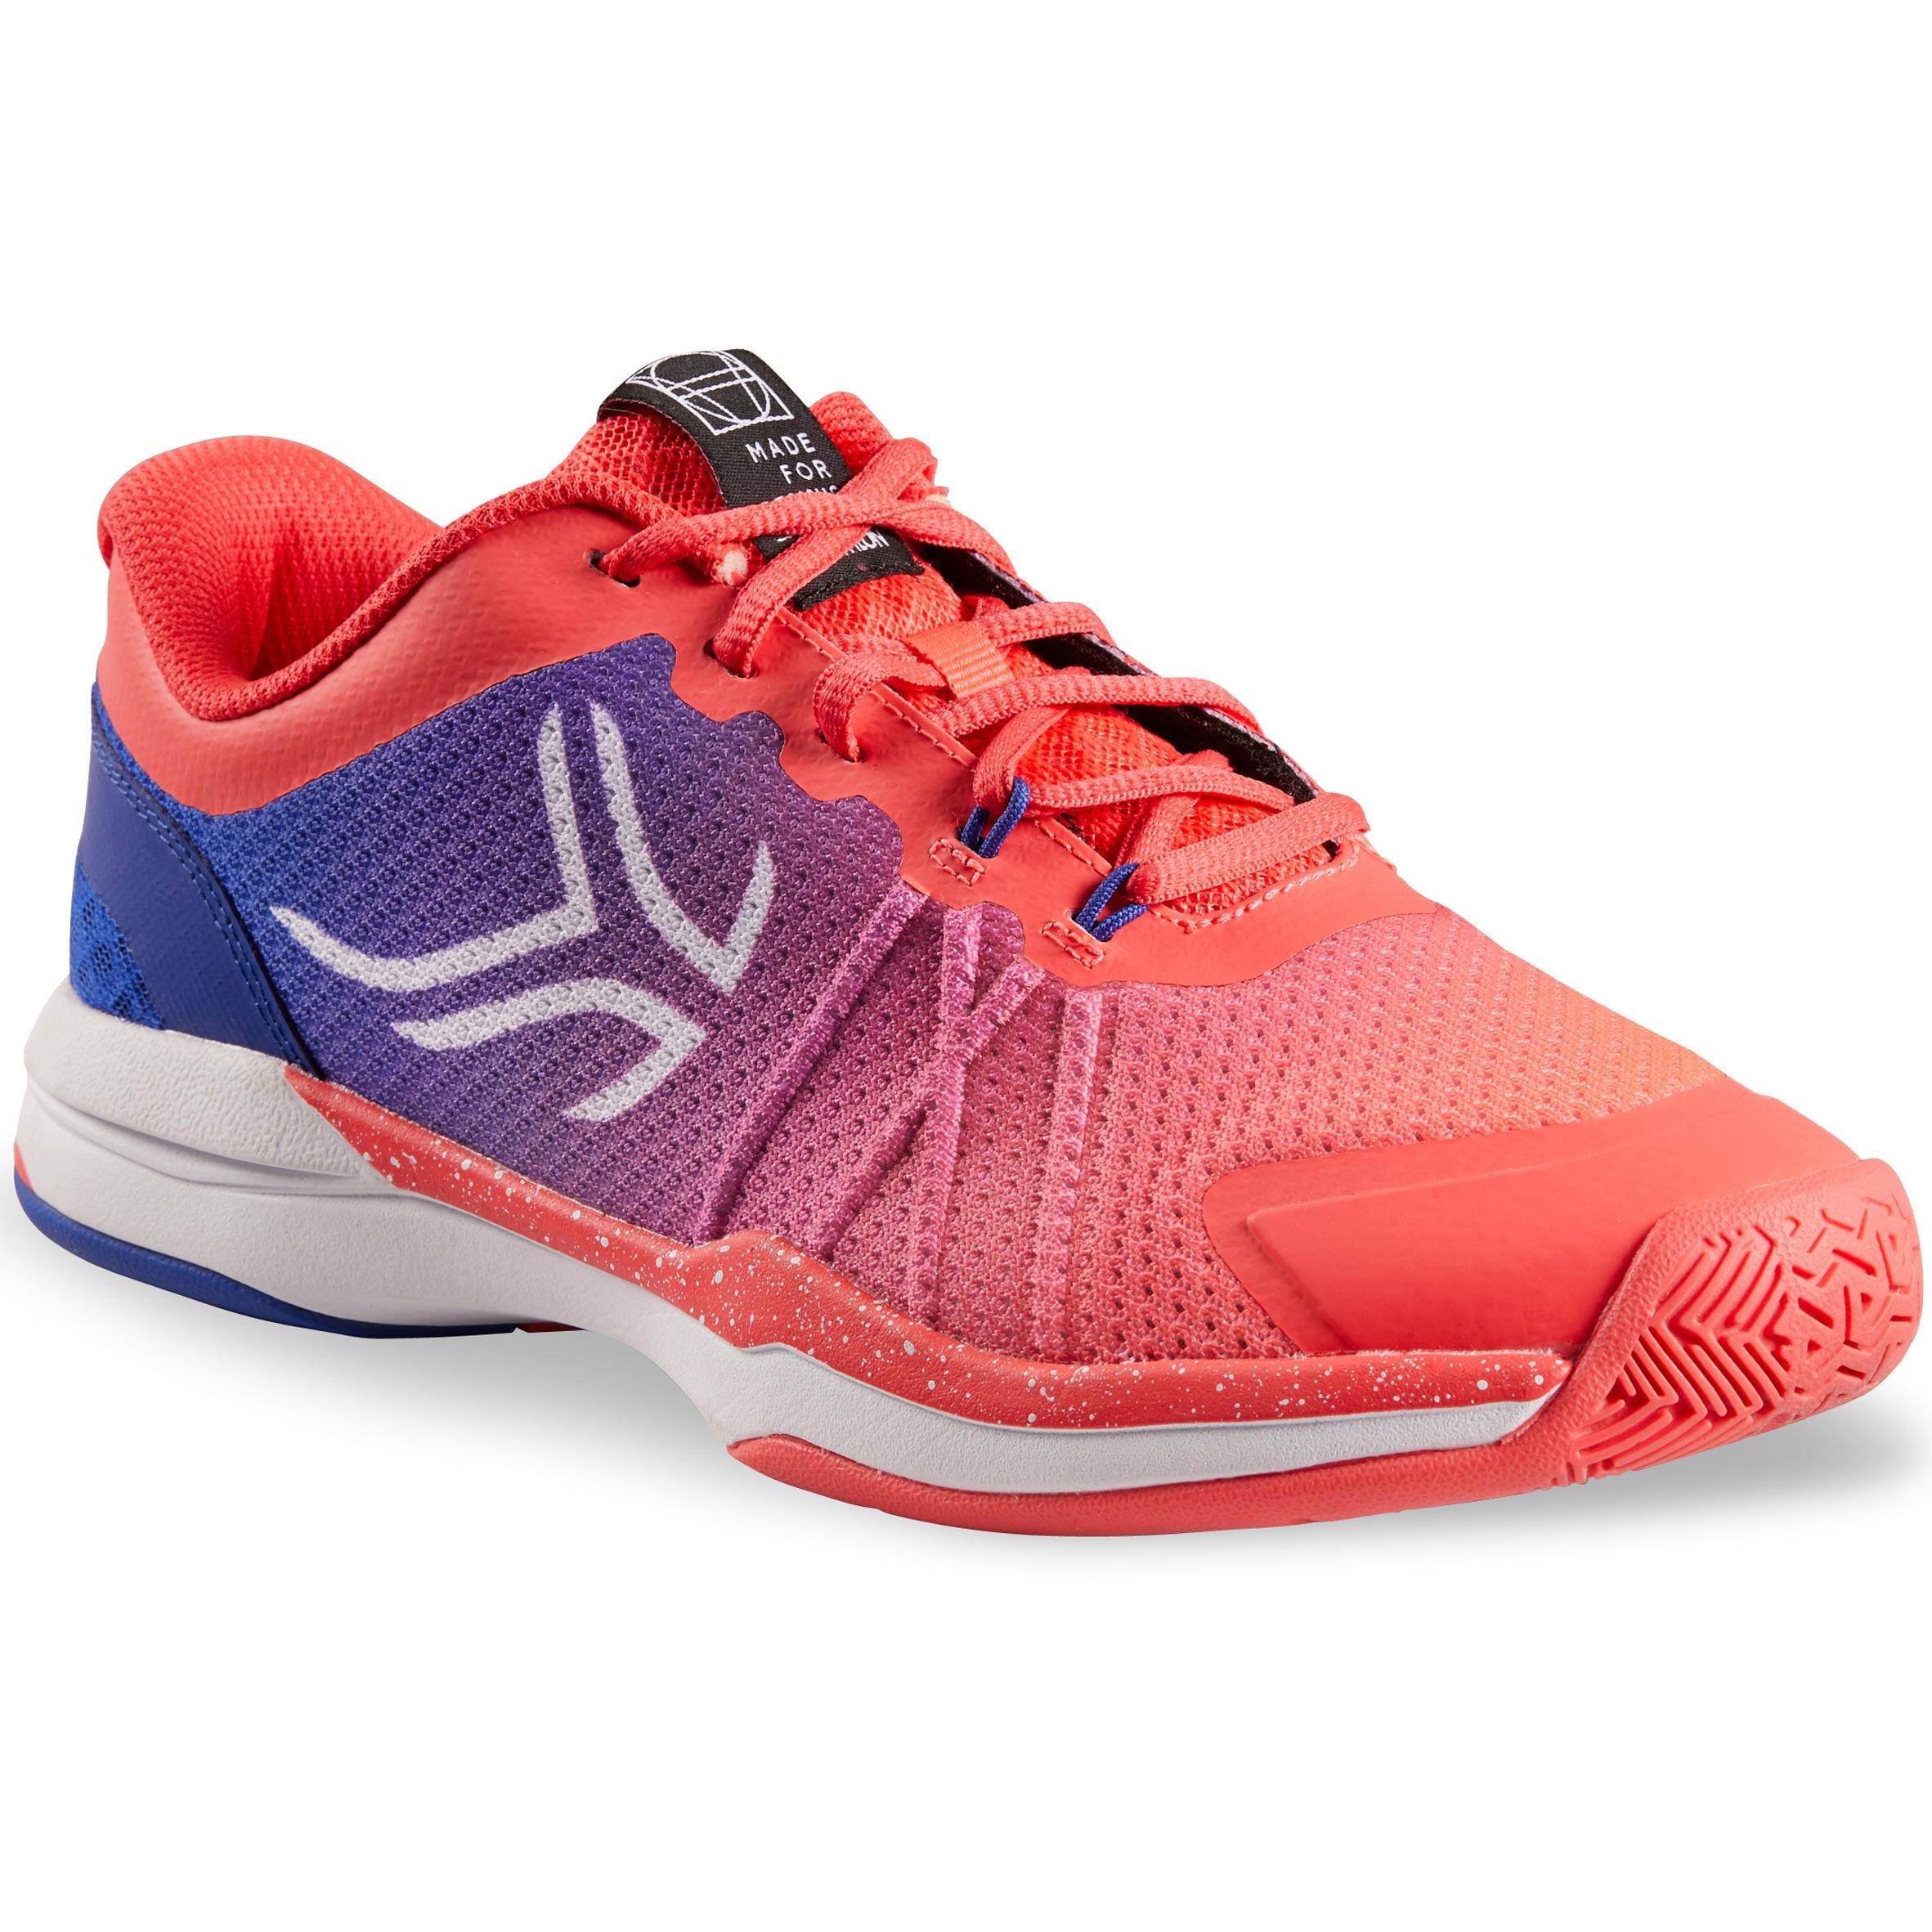 0e45cda5fd9d2 Comprar Zapatillas y calzado de tenis mujer online